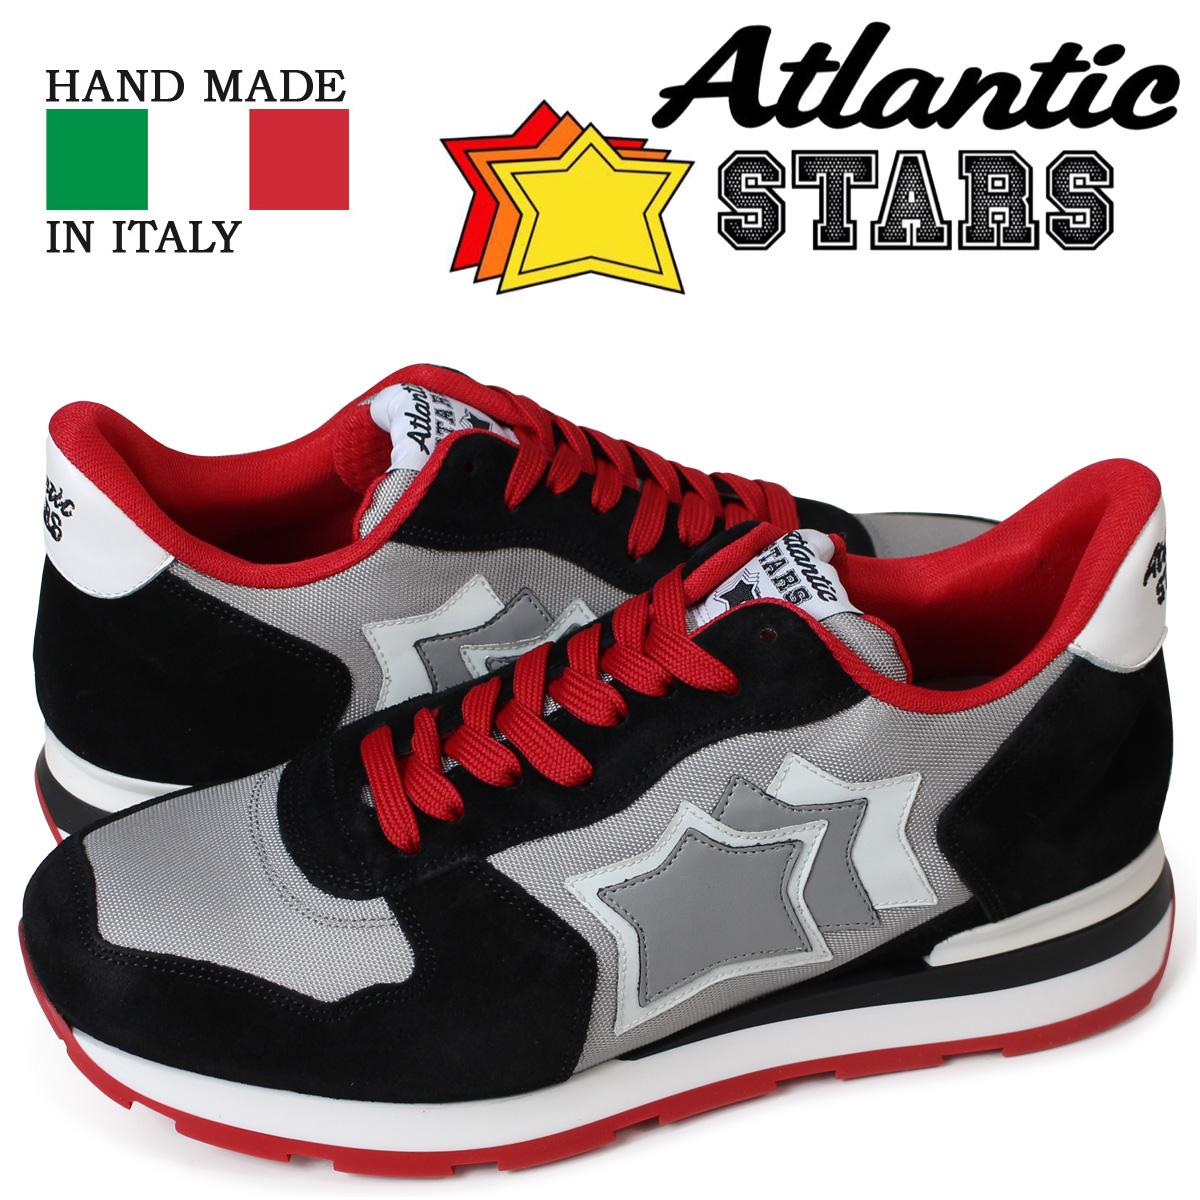 アトランティックスターズ メンズ スニーカー Atlantic STARS アンタレス ANTARES SN-26B ブラック